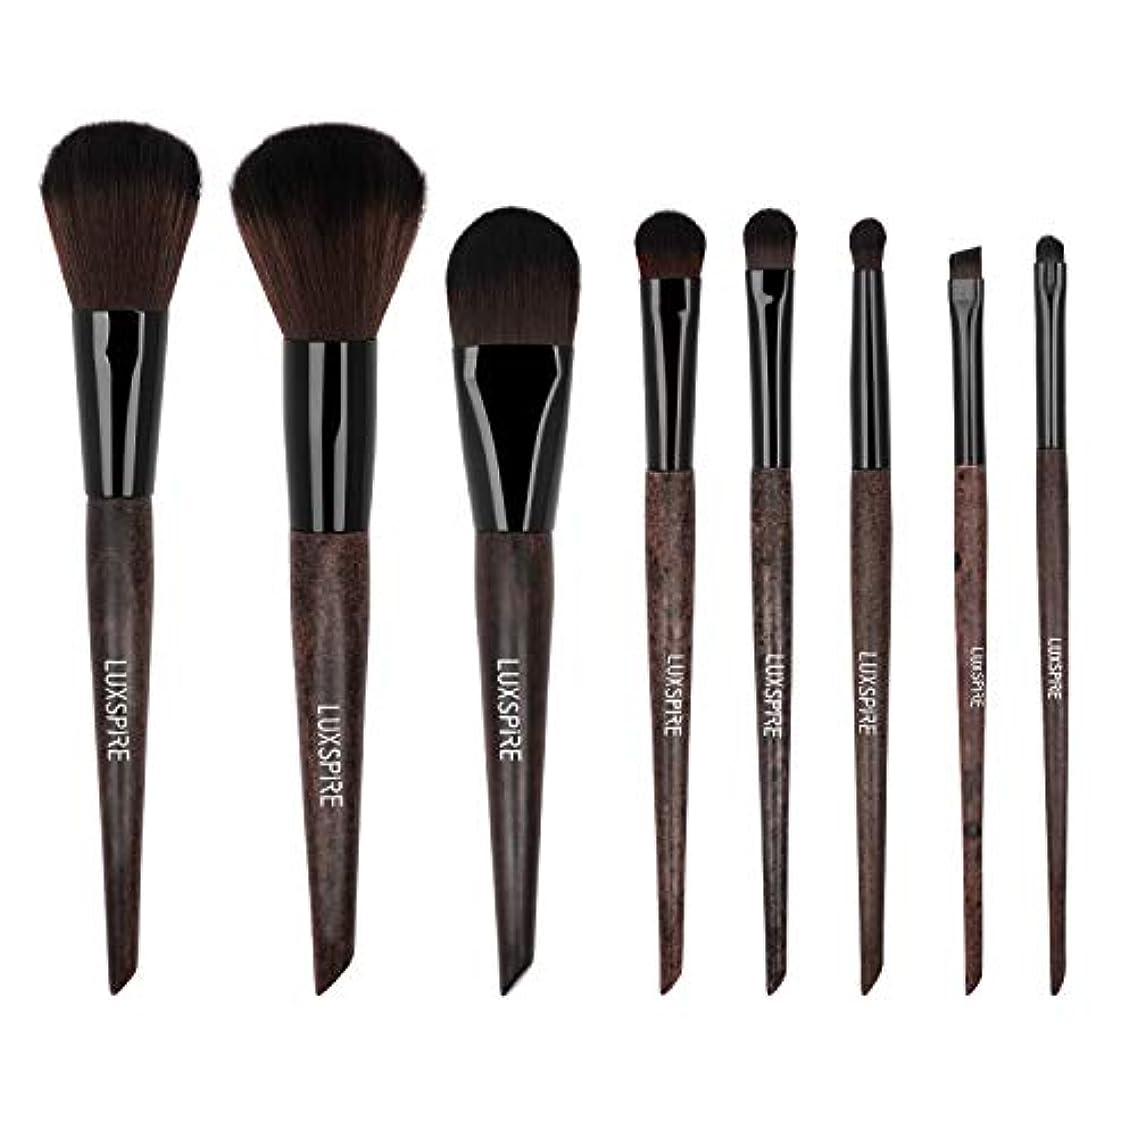 必要ない動くアクセスメイクブラシ- Luxspire 8本セット コスメ 化粧ブラシ 高級木材製柄 人気 高品質な繊維 敏感肌/初心者も適用 粉含み抜群 超柔らかい 可愛い 基礎メイクアップブラシ PU皮革製ファスナー式ポーチ付き Dark Brown